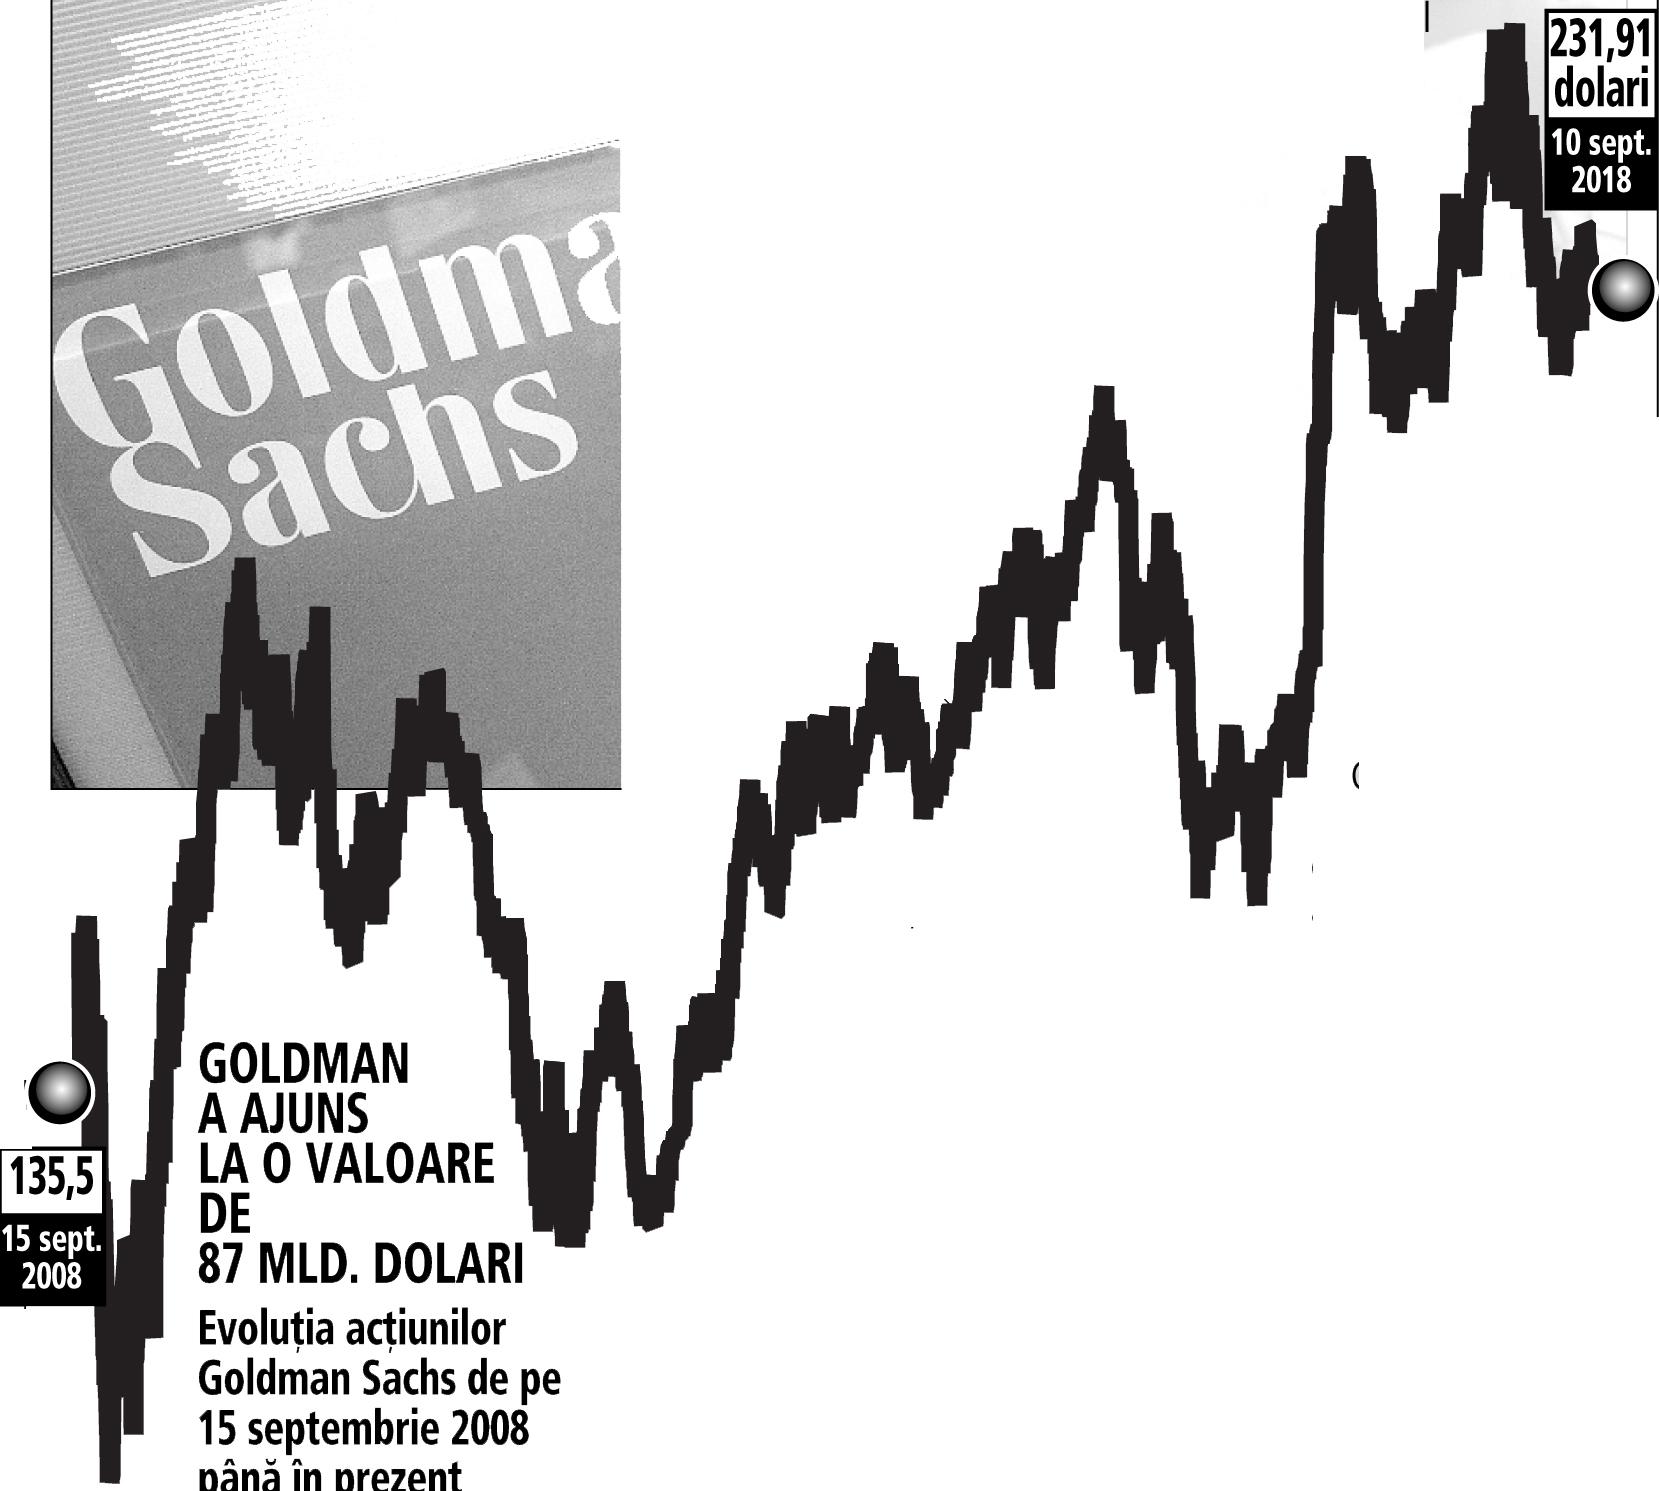 10 ani de la criză: acţiunile celei mai influente bănci americane Goldman Sachs, salvată în extremis, au crescut cu 78% faţă de momentul Lehman Brothers